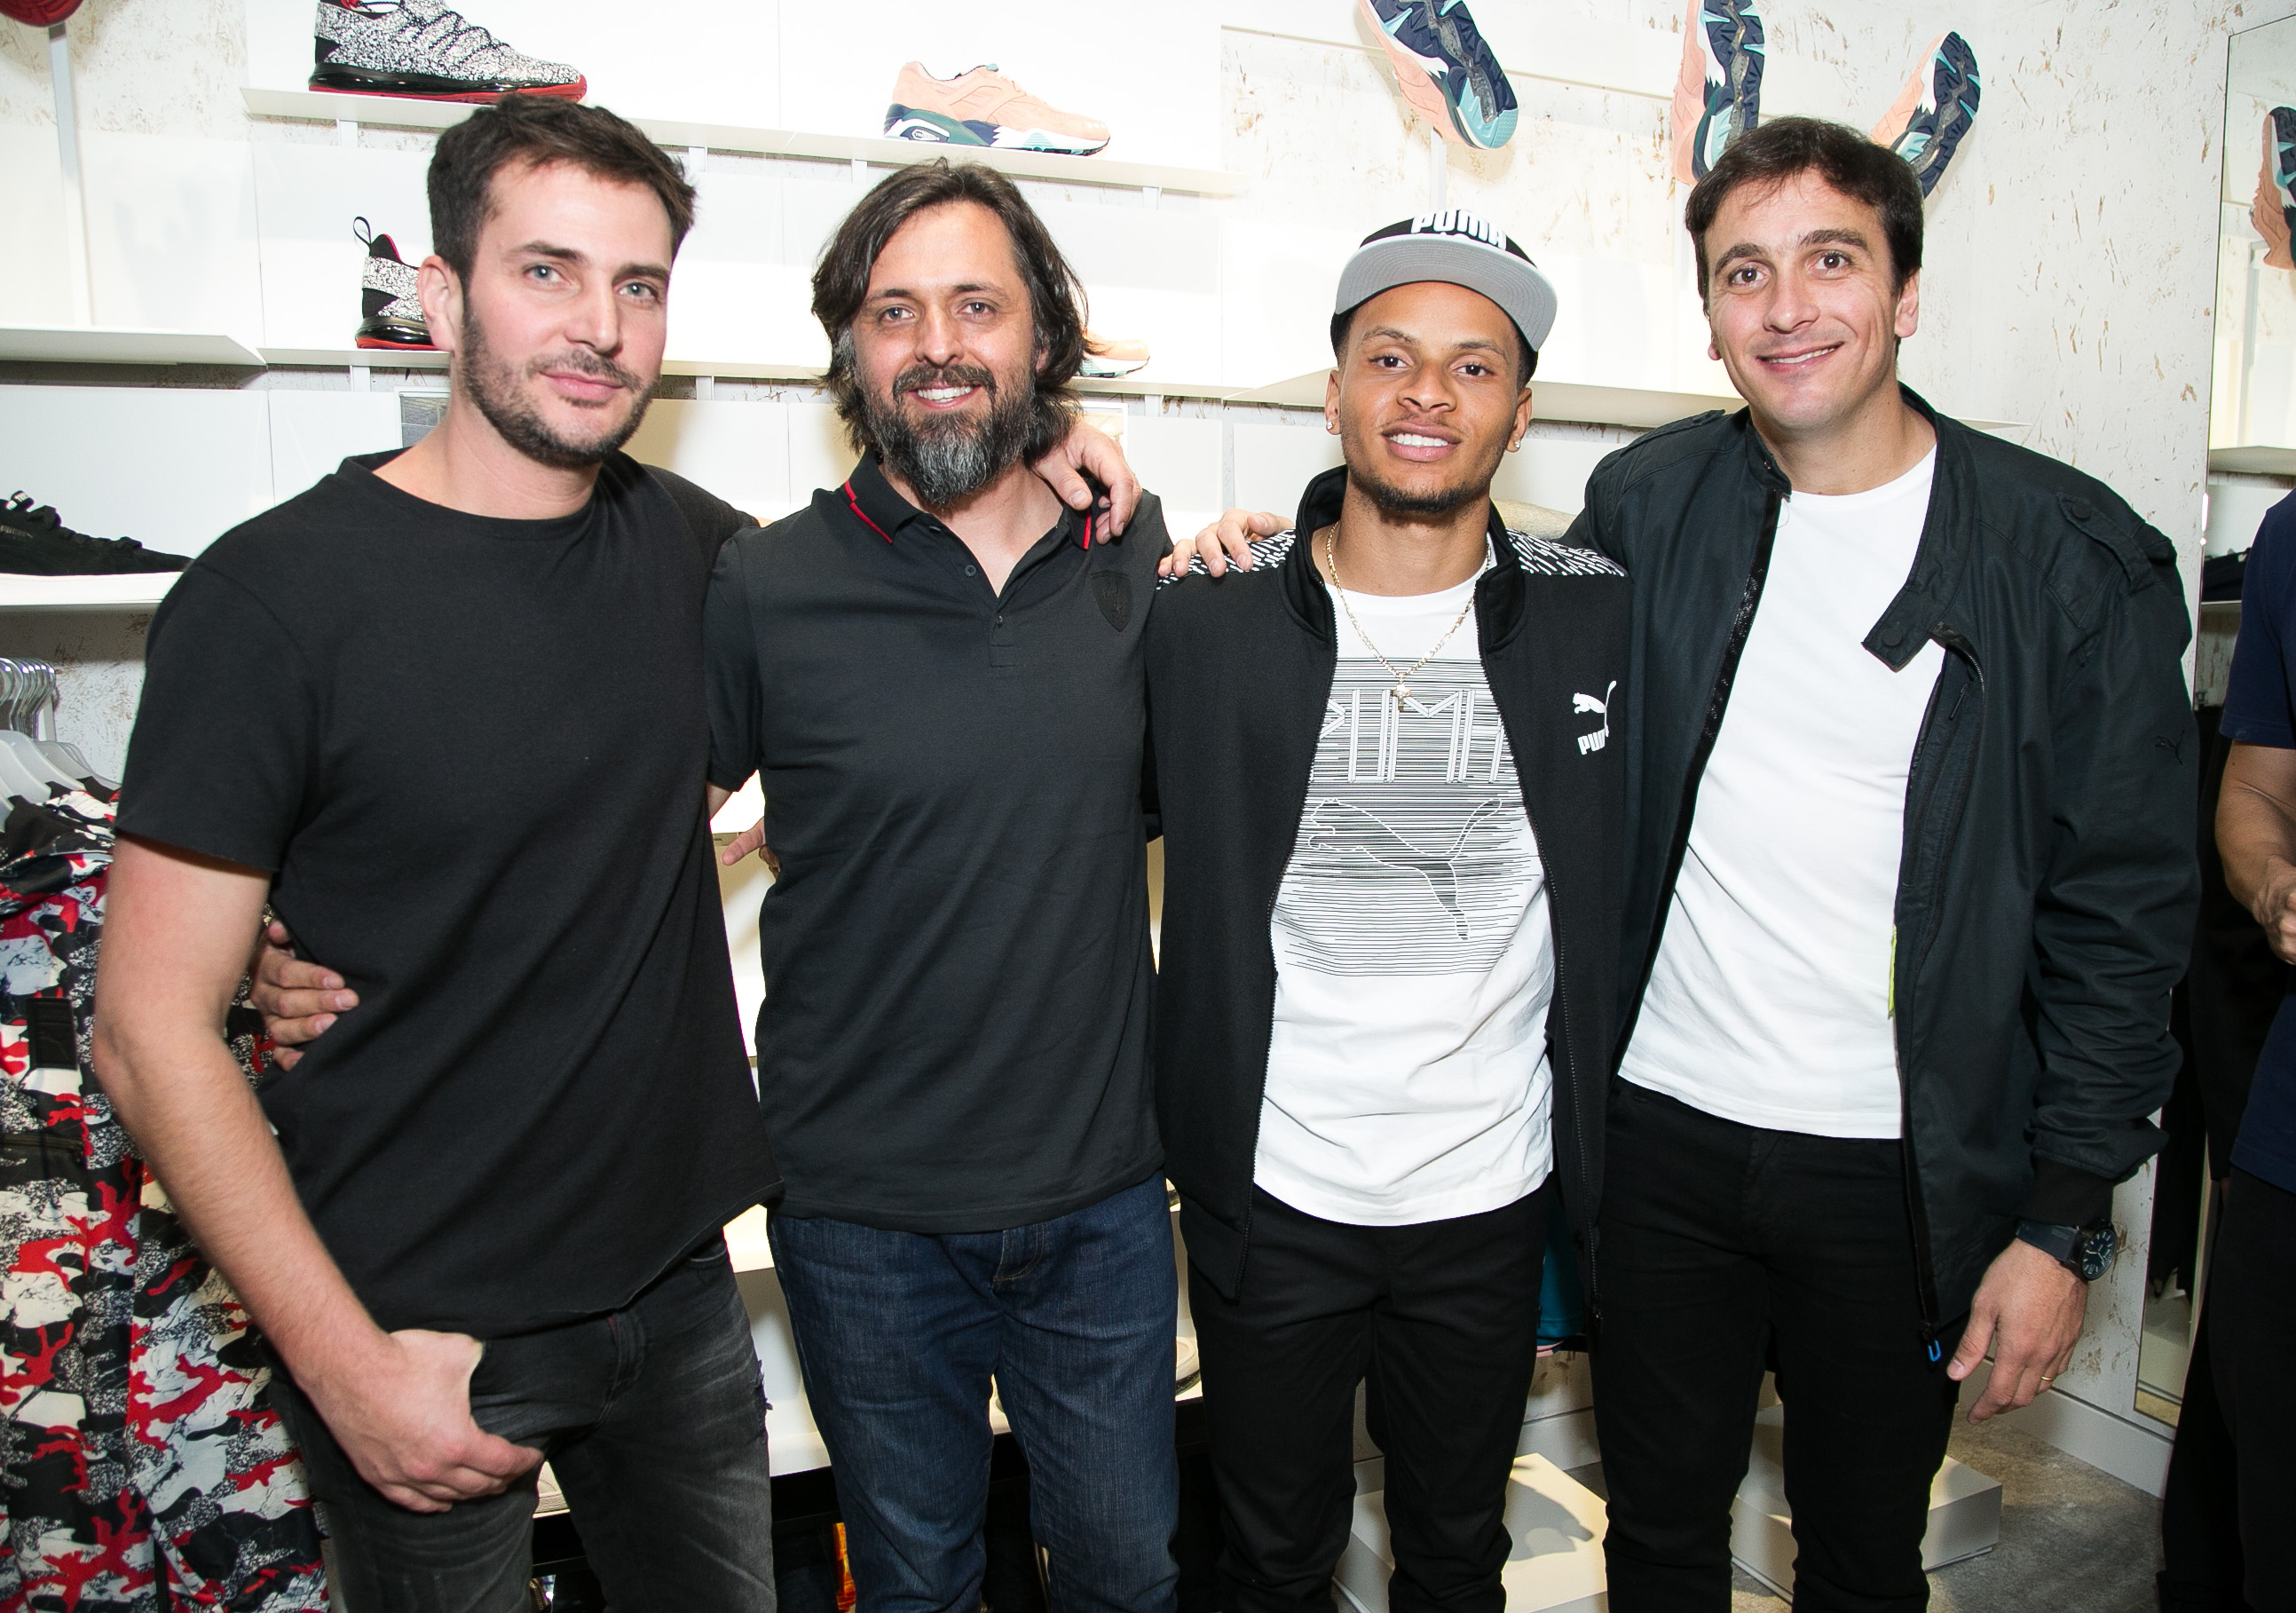 Max Campino, Sebastian Diaz, Andre de Grasse y Ezequiel Bagnardi